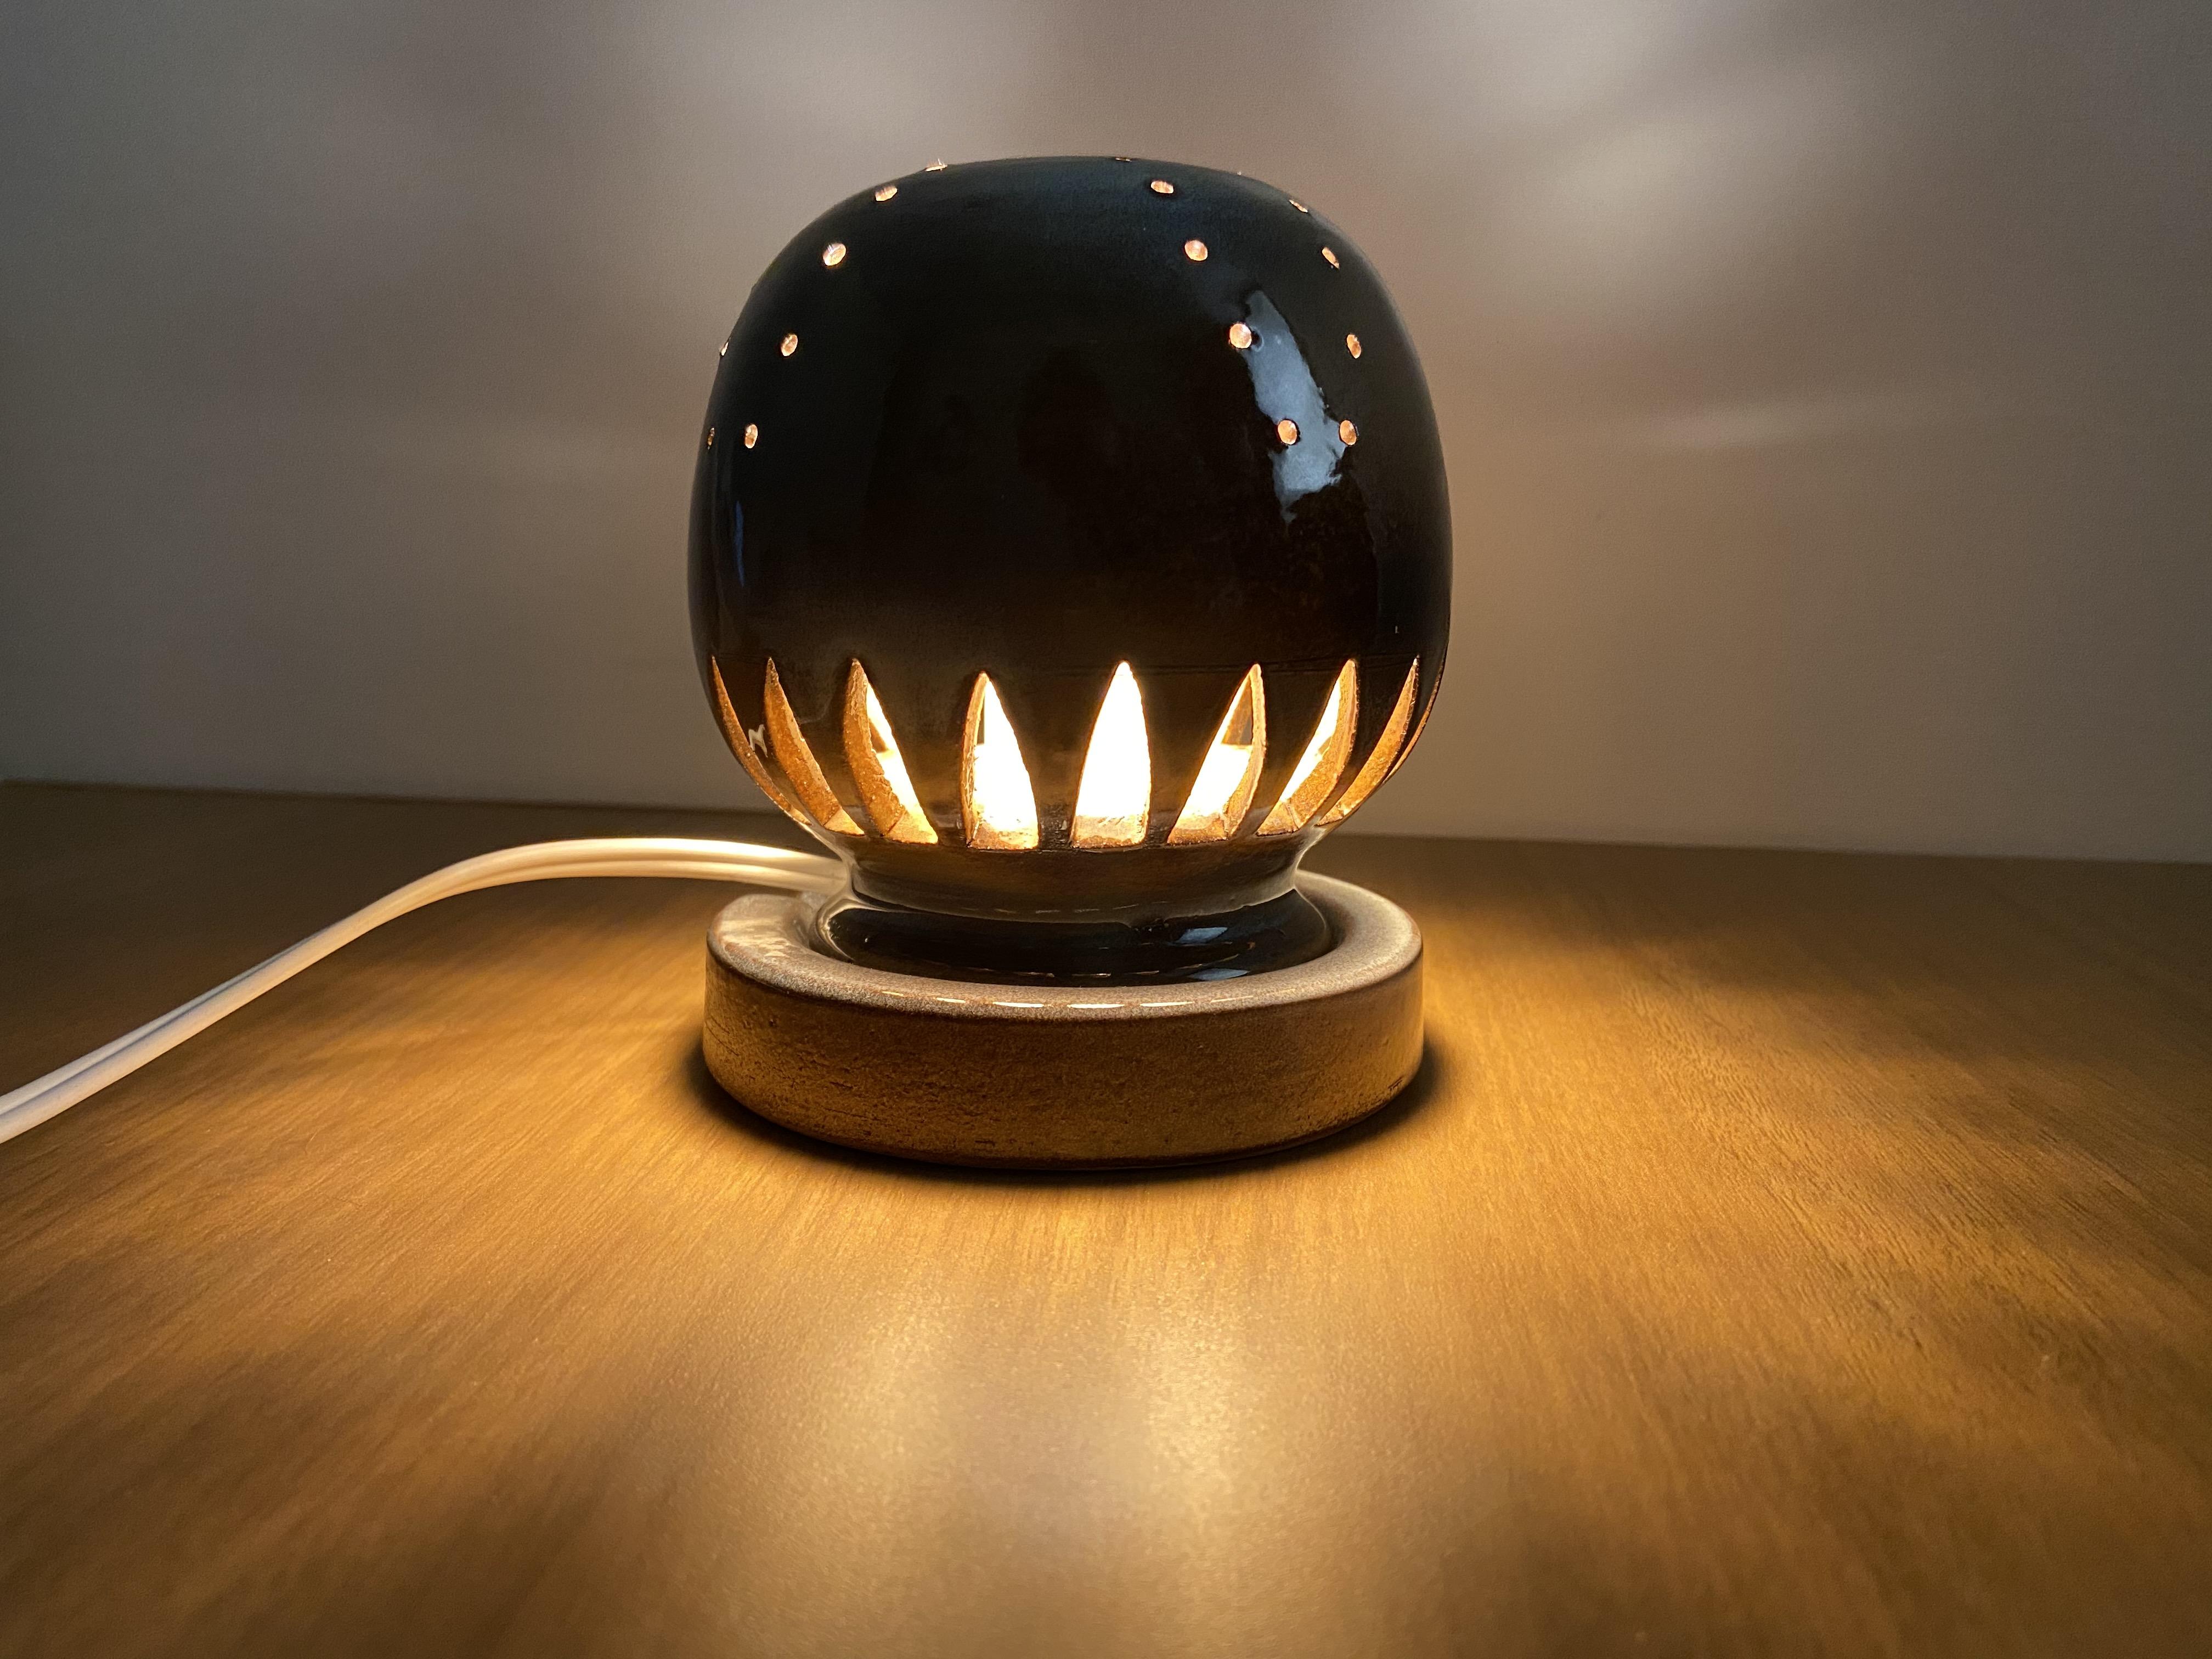 [№5226-0260]幻の須佐唐津焼 窯元製作陶器ランプ 黒 カーブ フィラメントLED